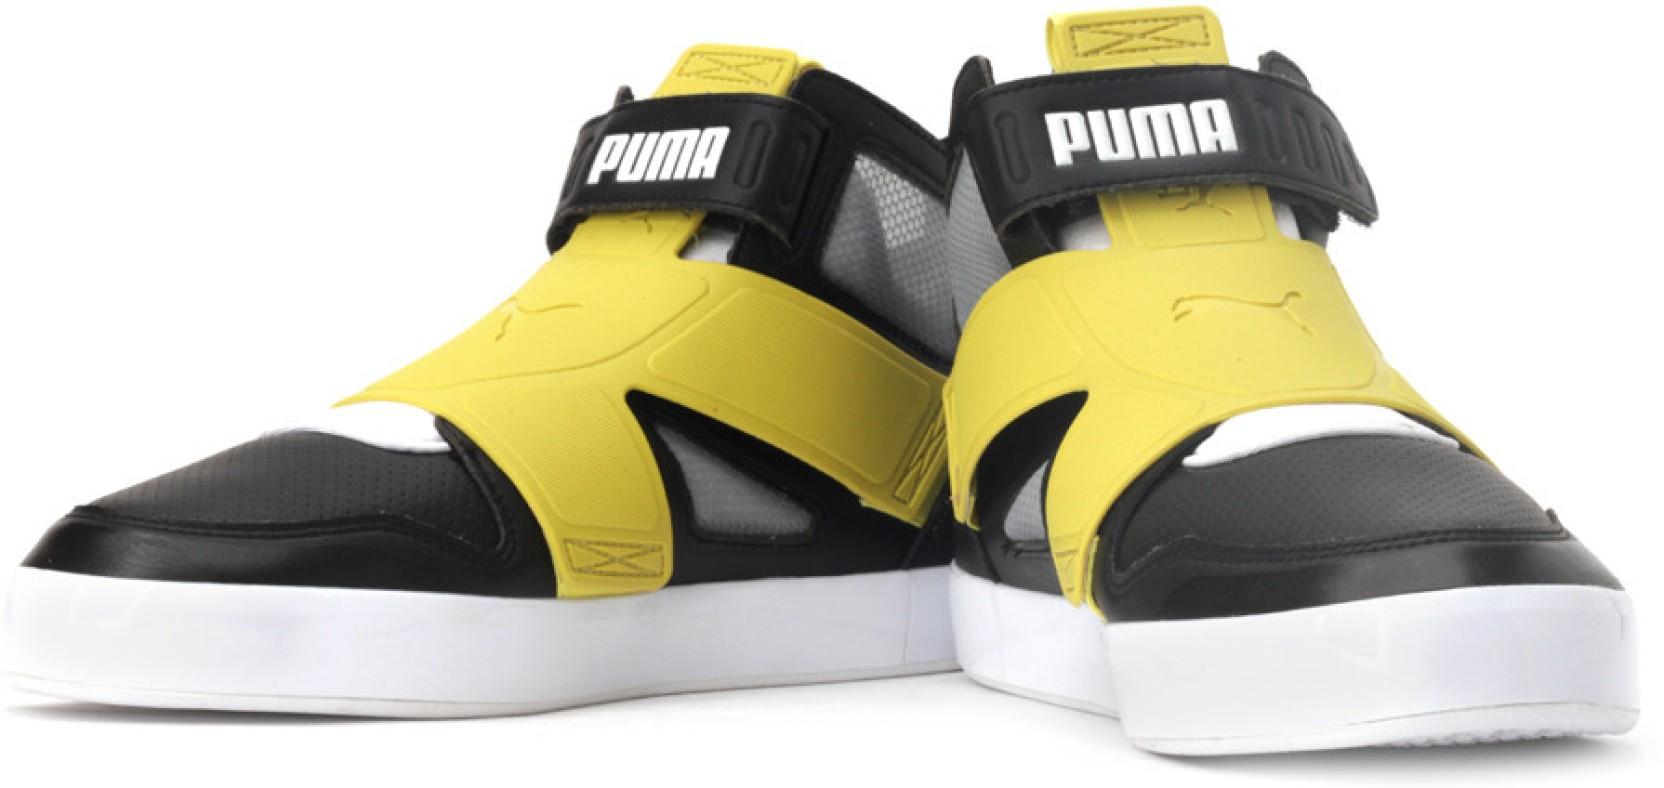 339a17dd2801 Puma El Rey Future Mid Ankle Sneakers For Men (Multicolor)